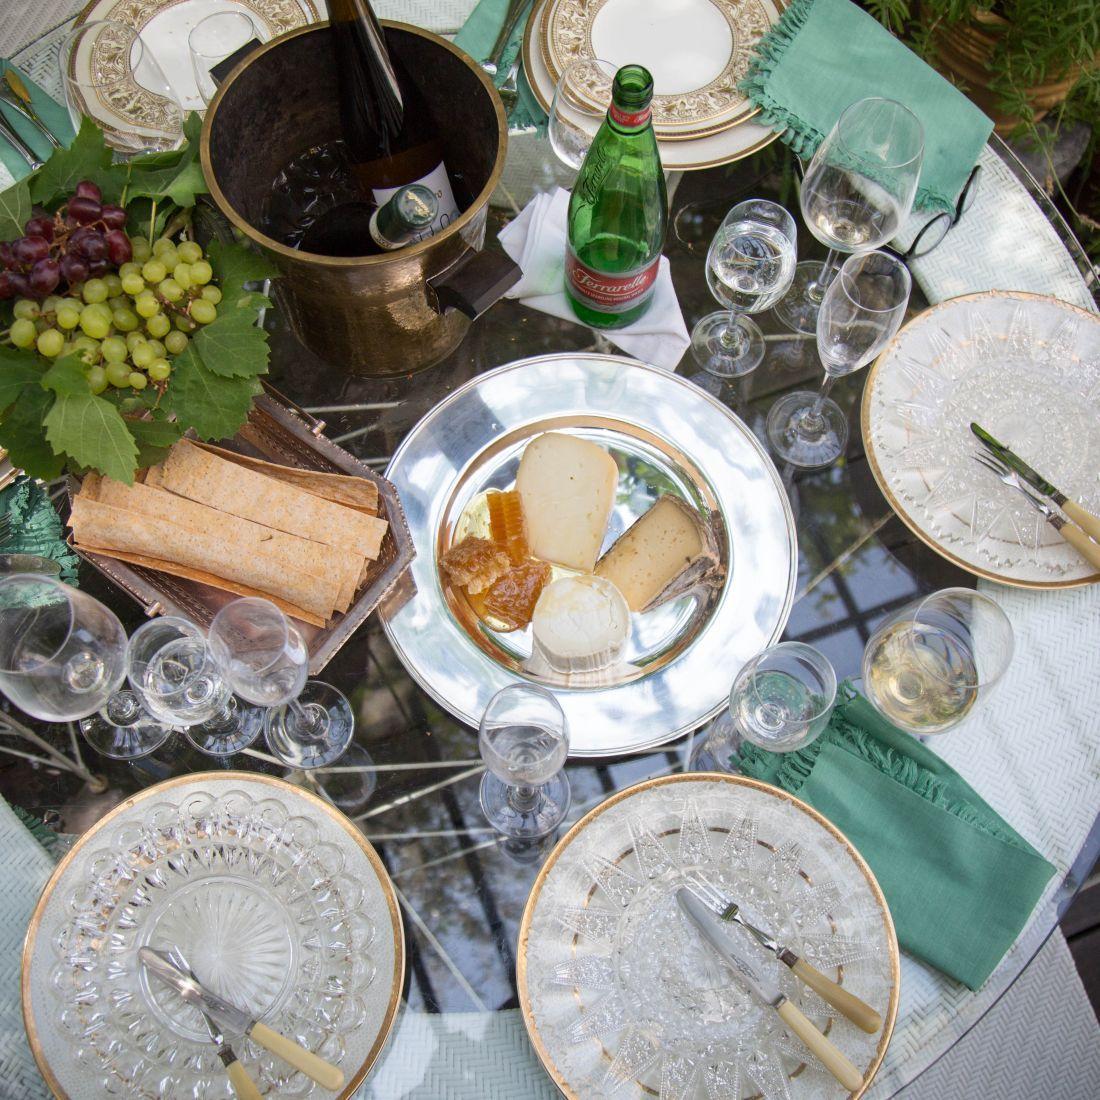 צלחת גבינות, חלת דבש וקרקרים